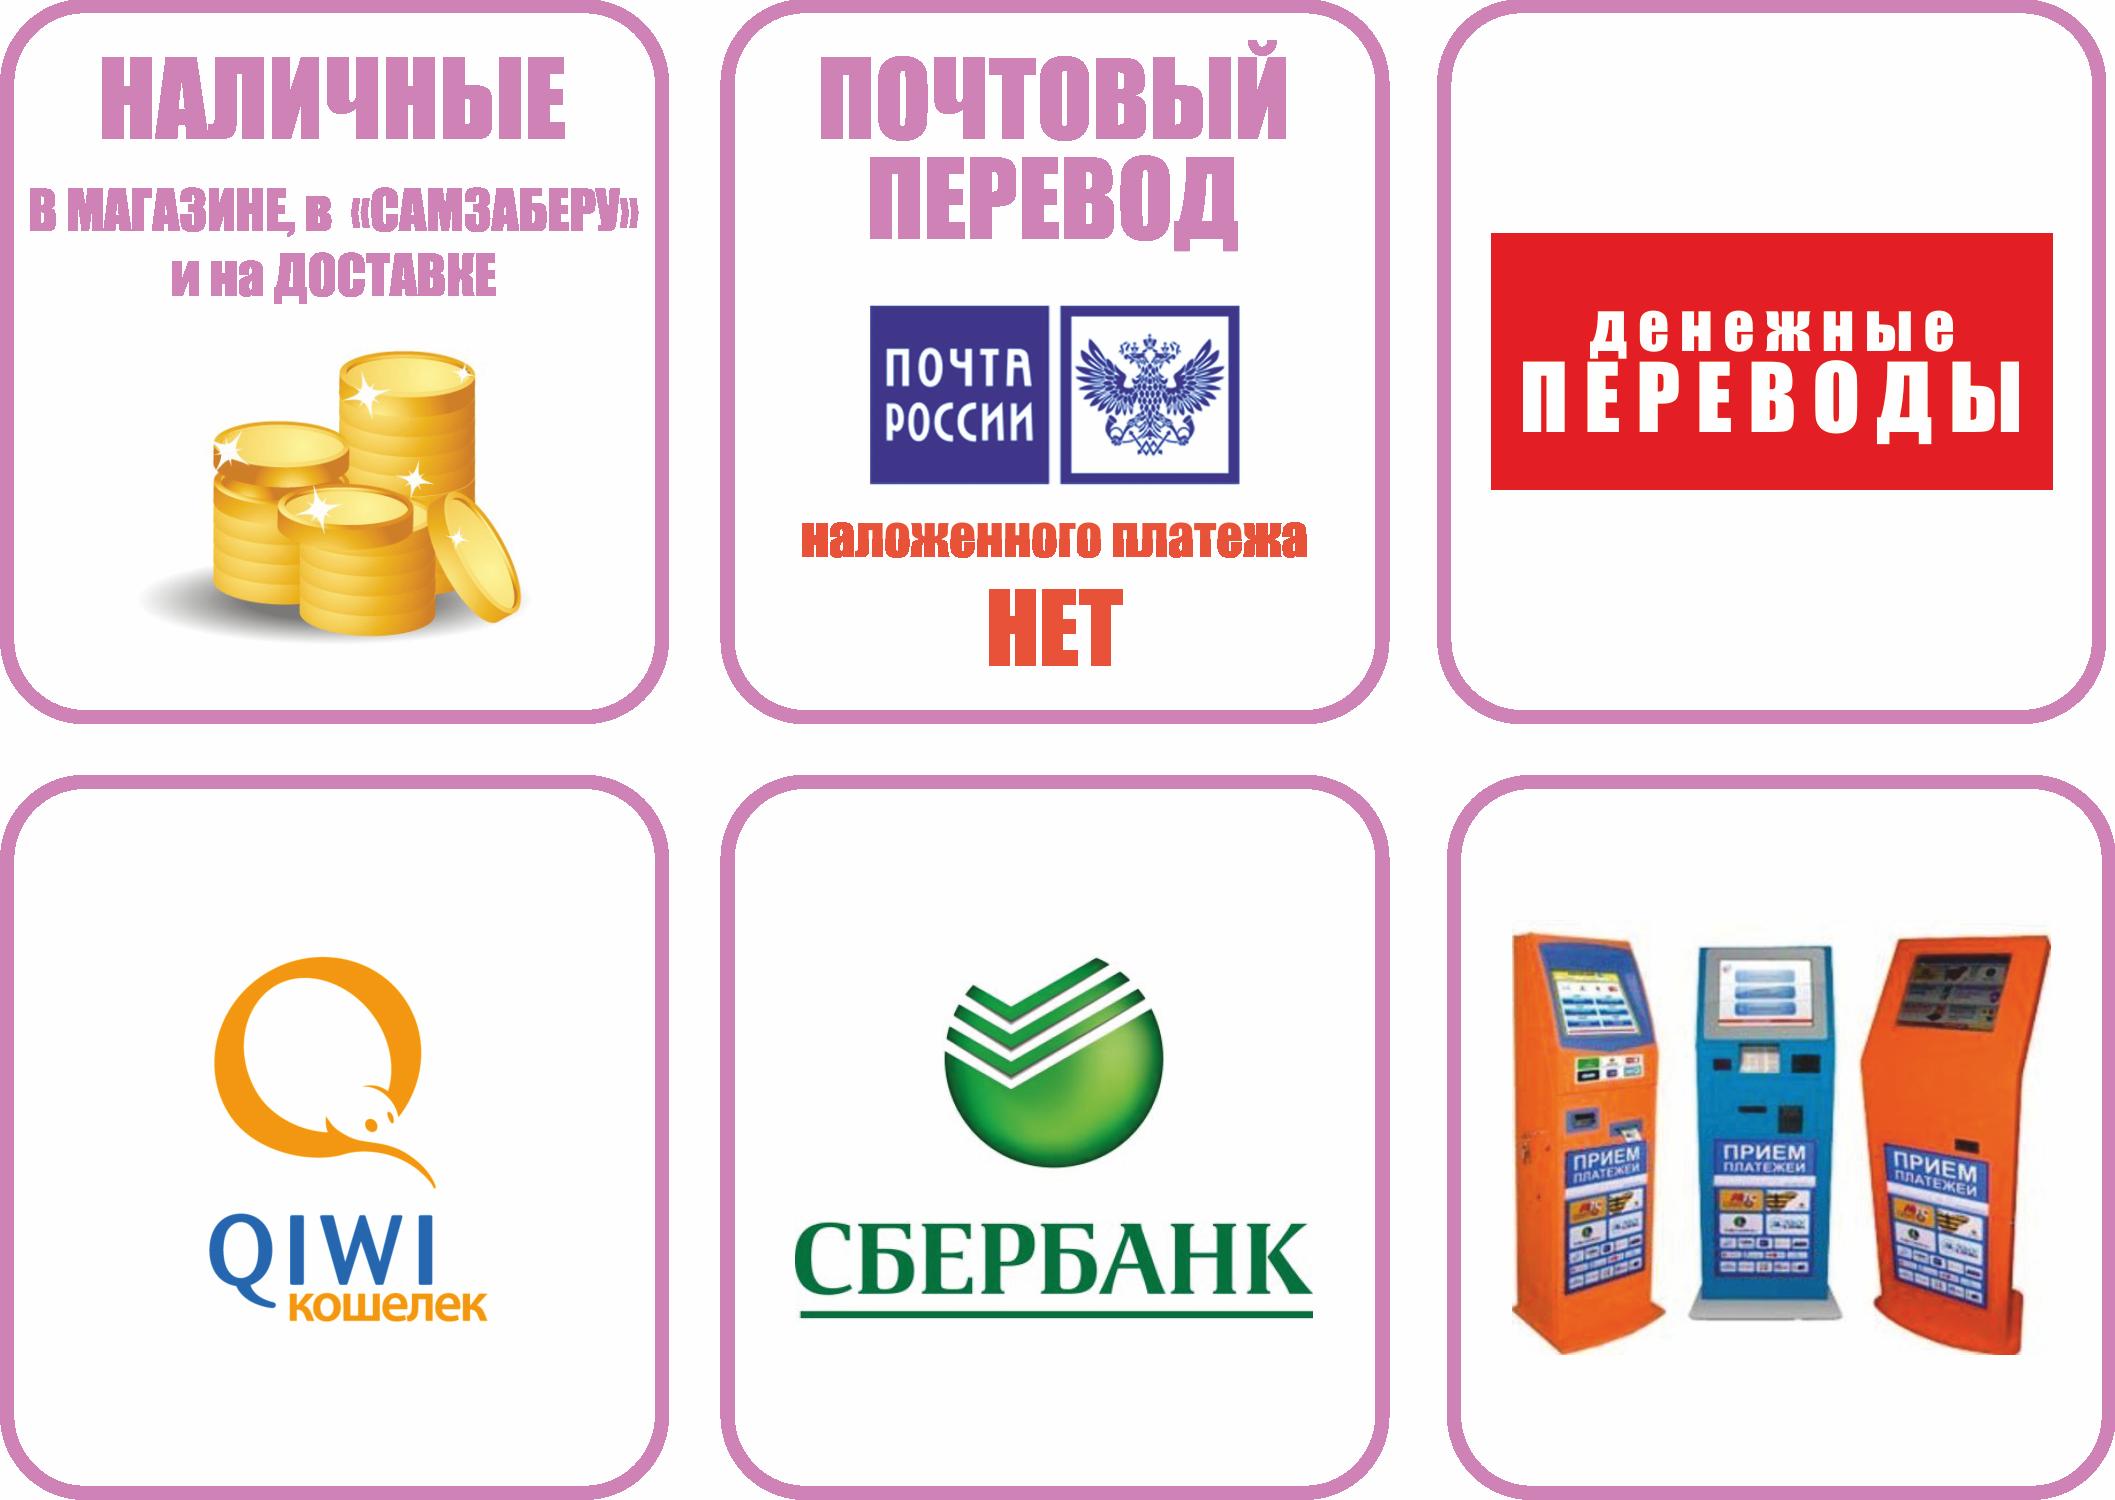 Доставка и отправка заказов по россии